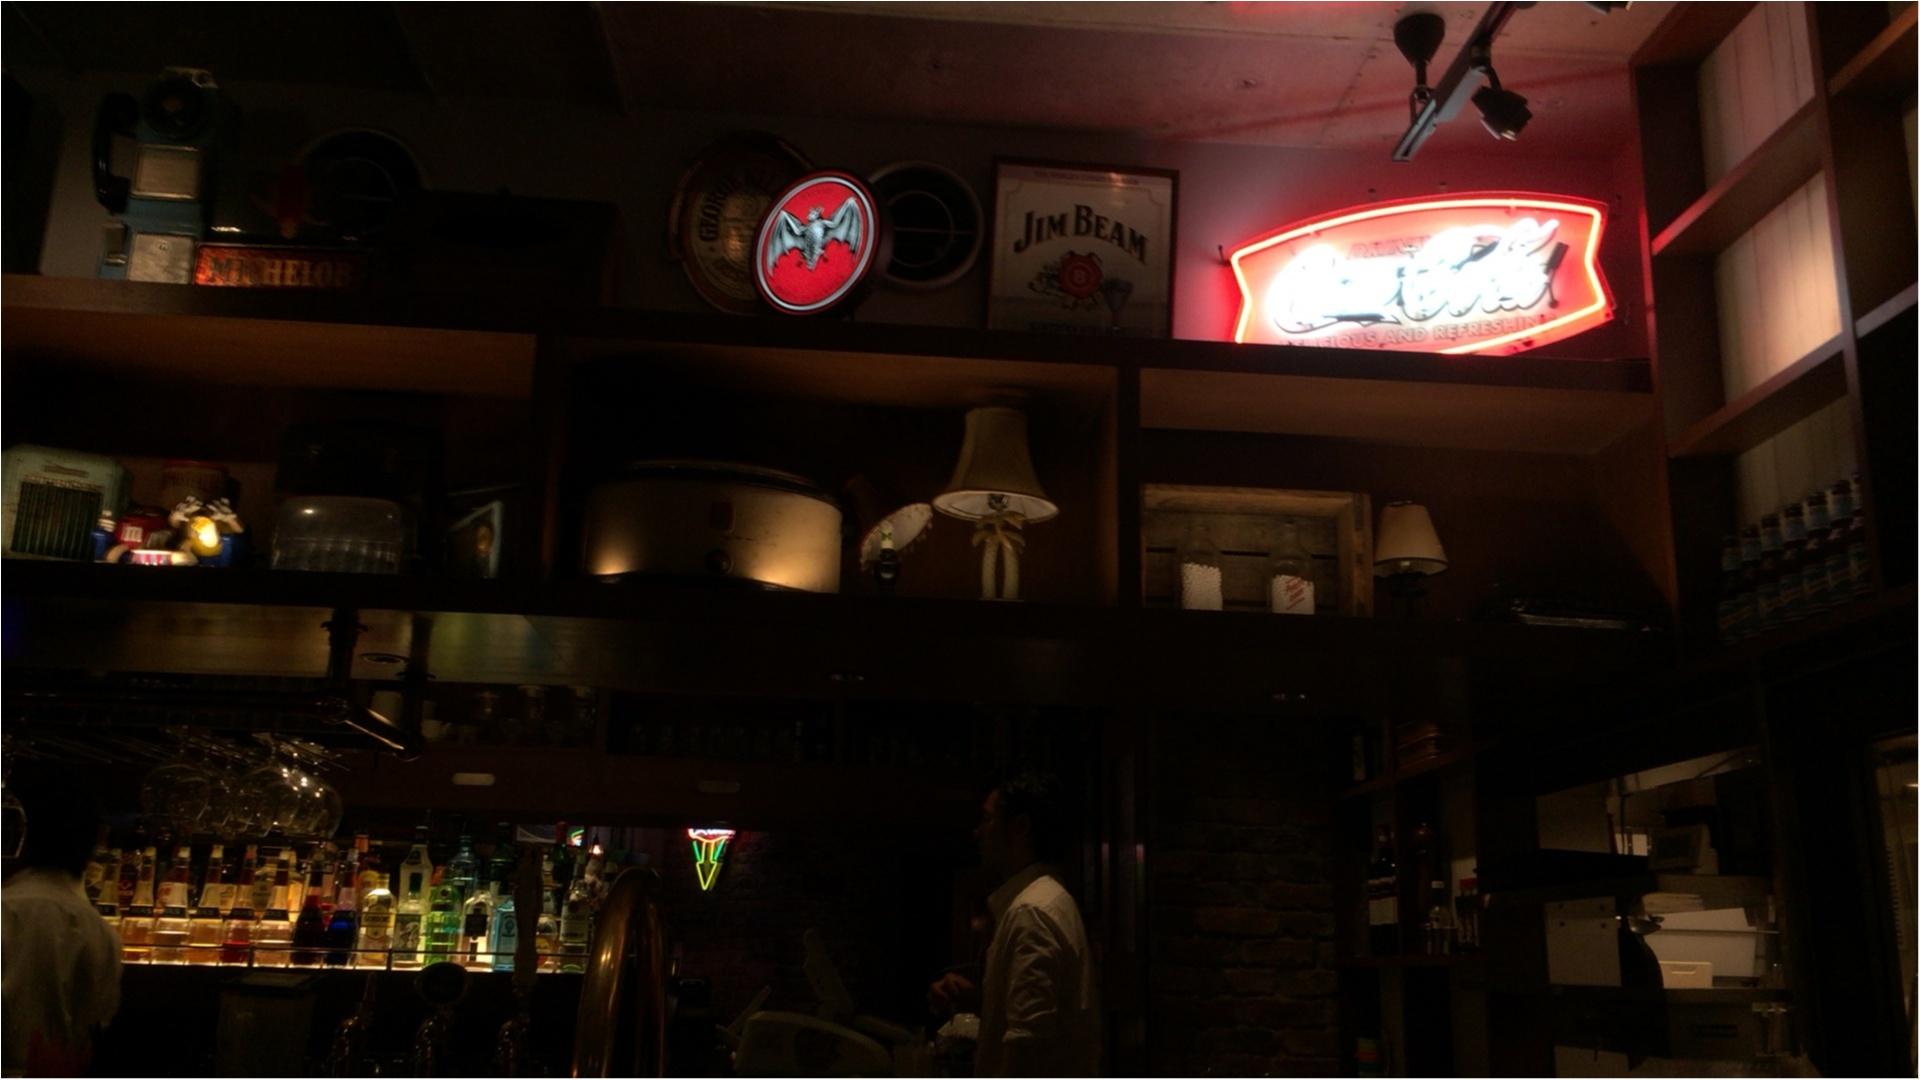 原宿駅から徒歩2分。日本初上陸多数!!大人向け飲食店が集まる【*CASCADE原宿*】のディナーがおすすめ♪  _5